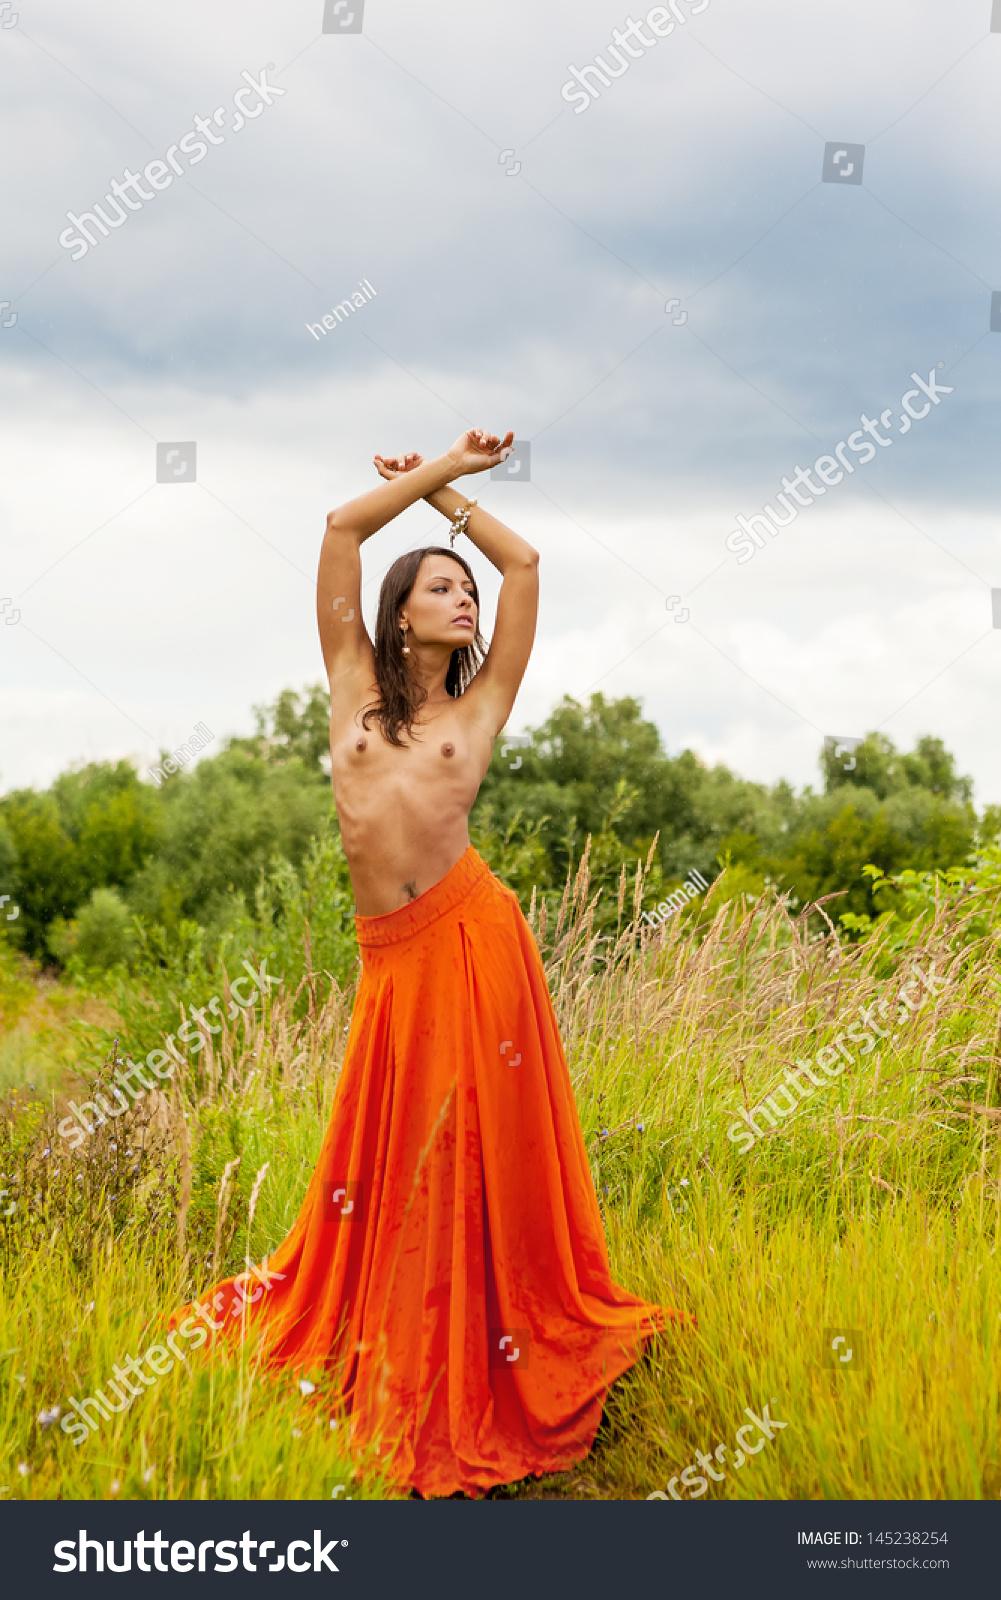 topless grass skirts